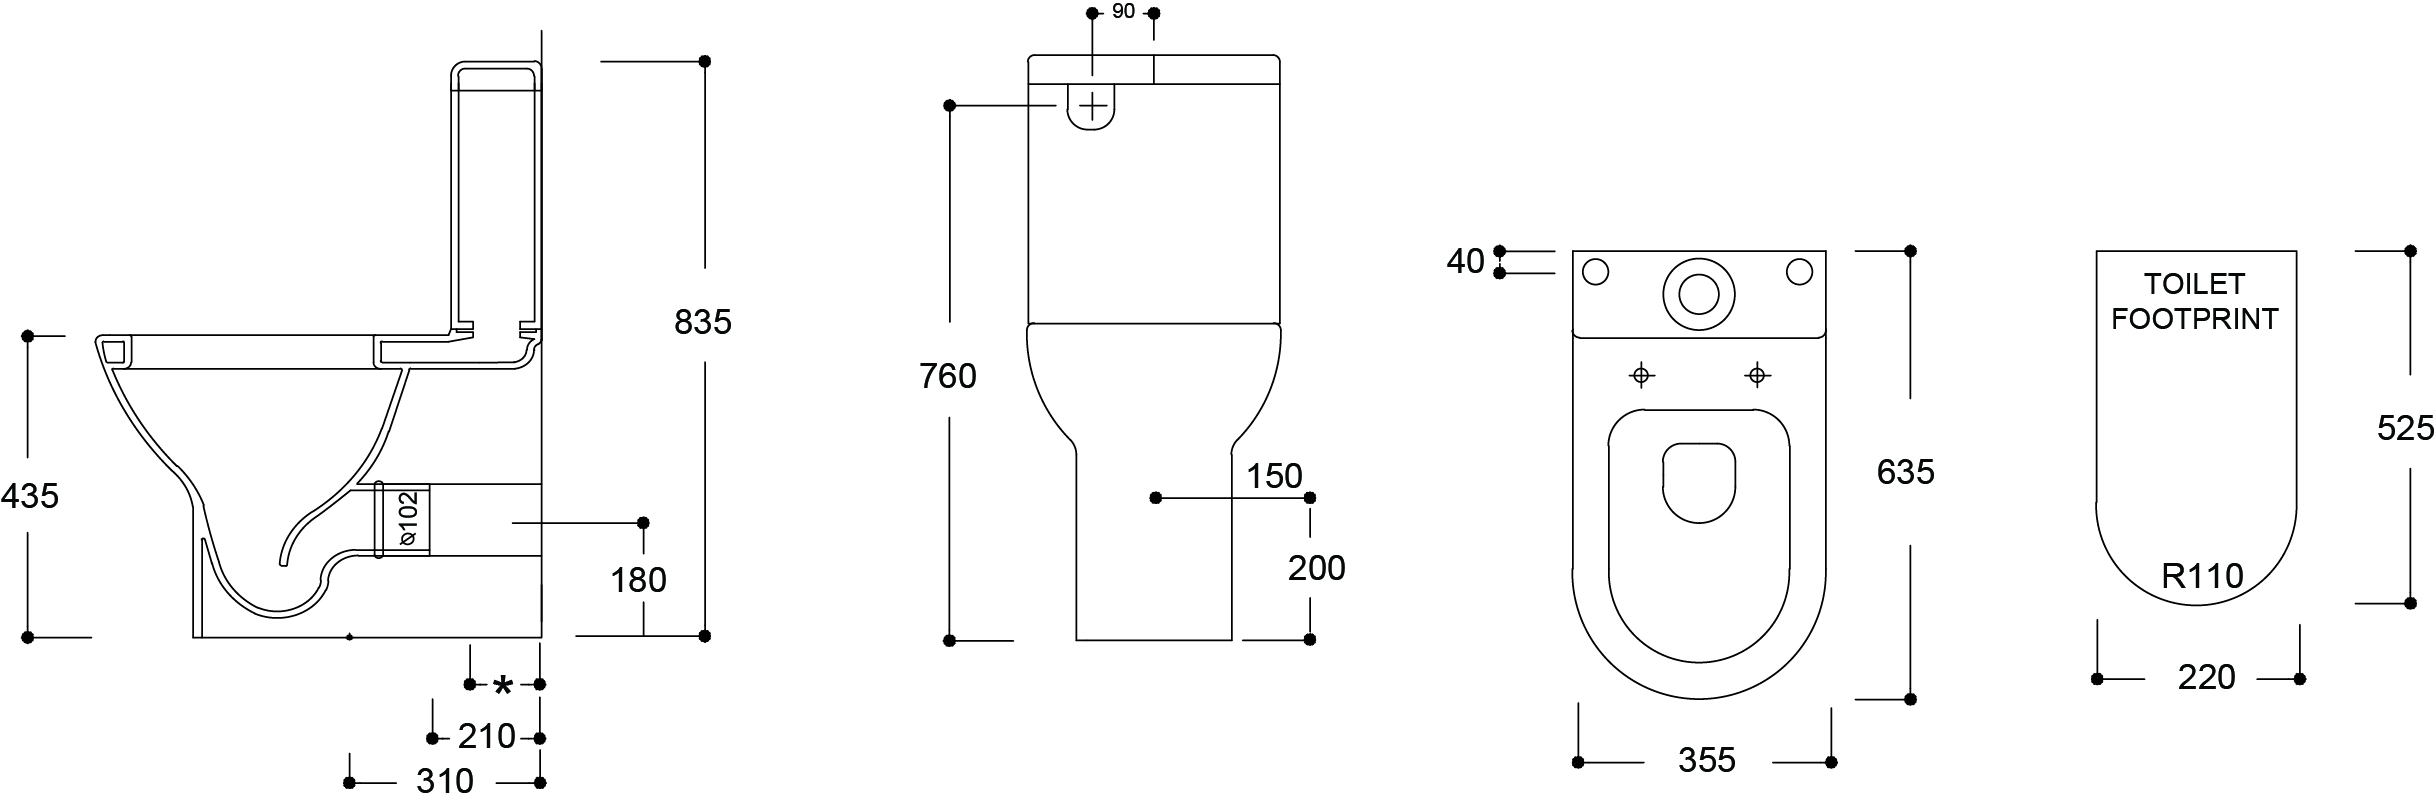 Mode Comfort Height BTW Toilet